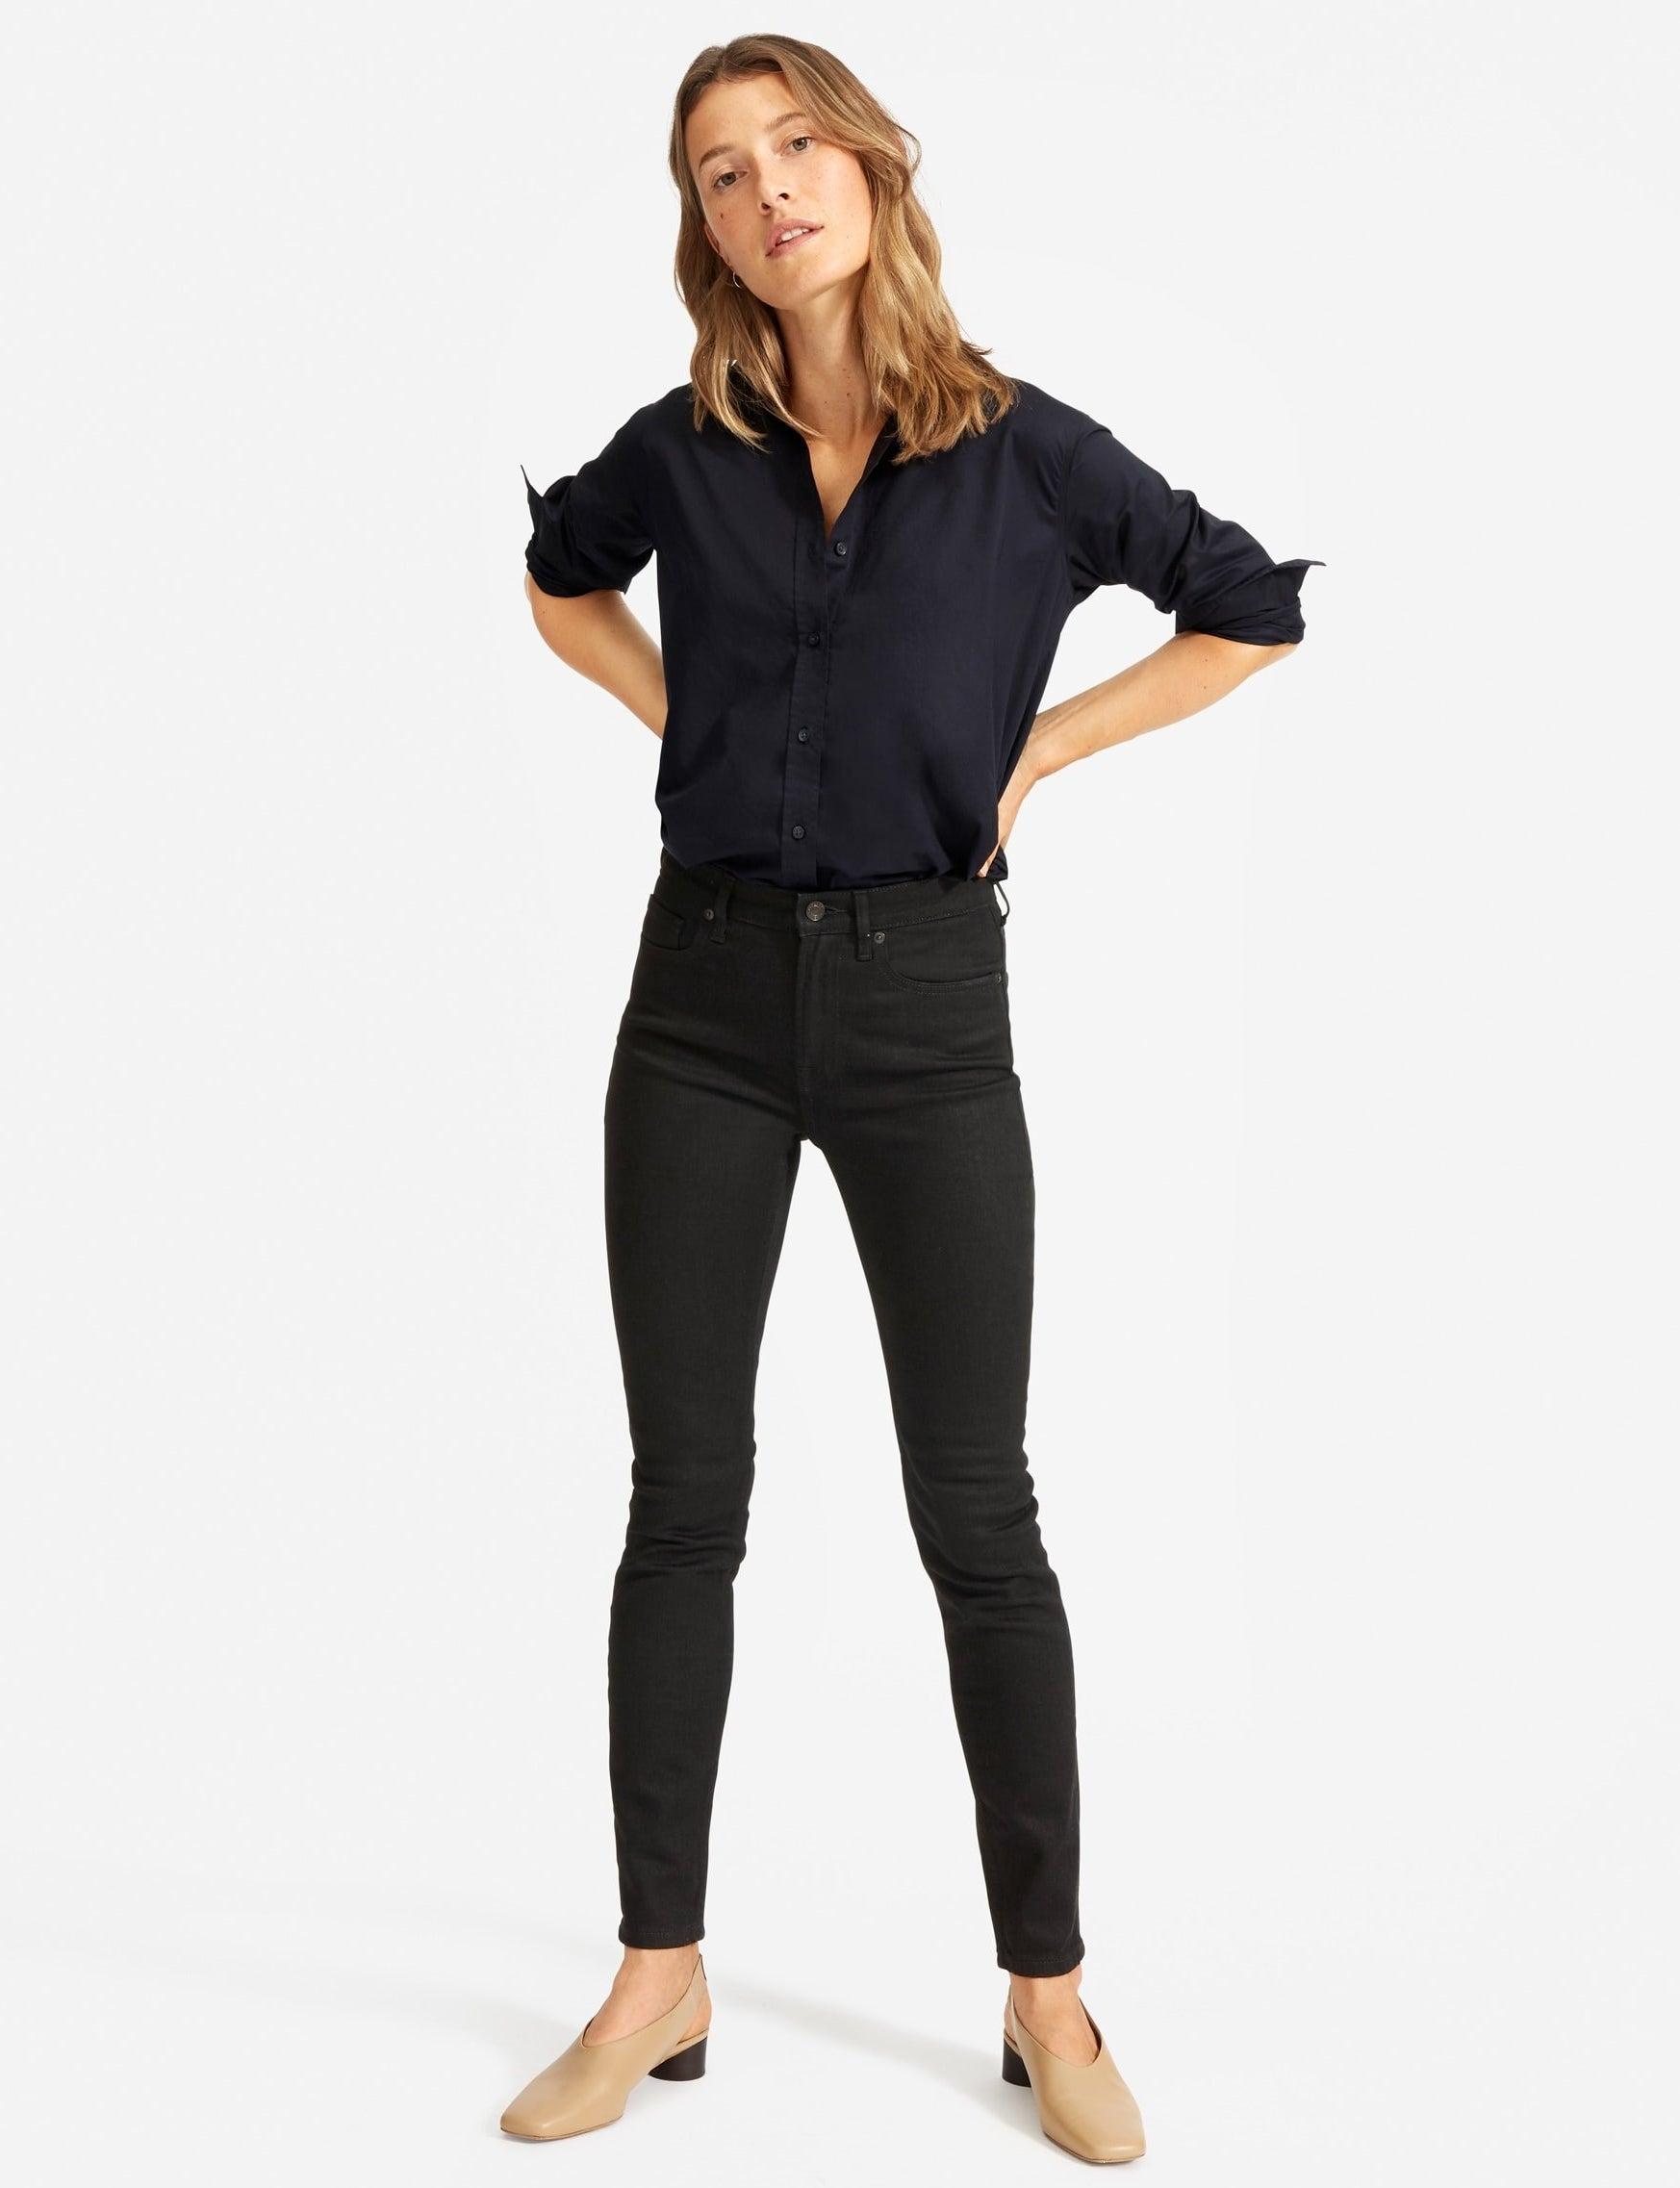 model in black skinny jeans